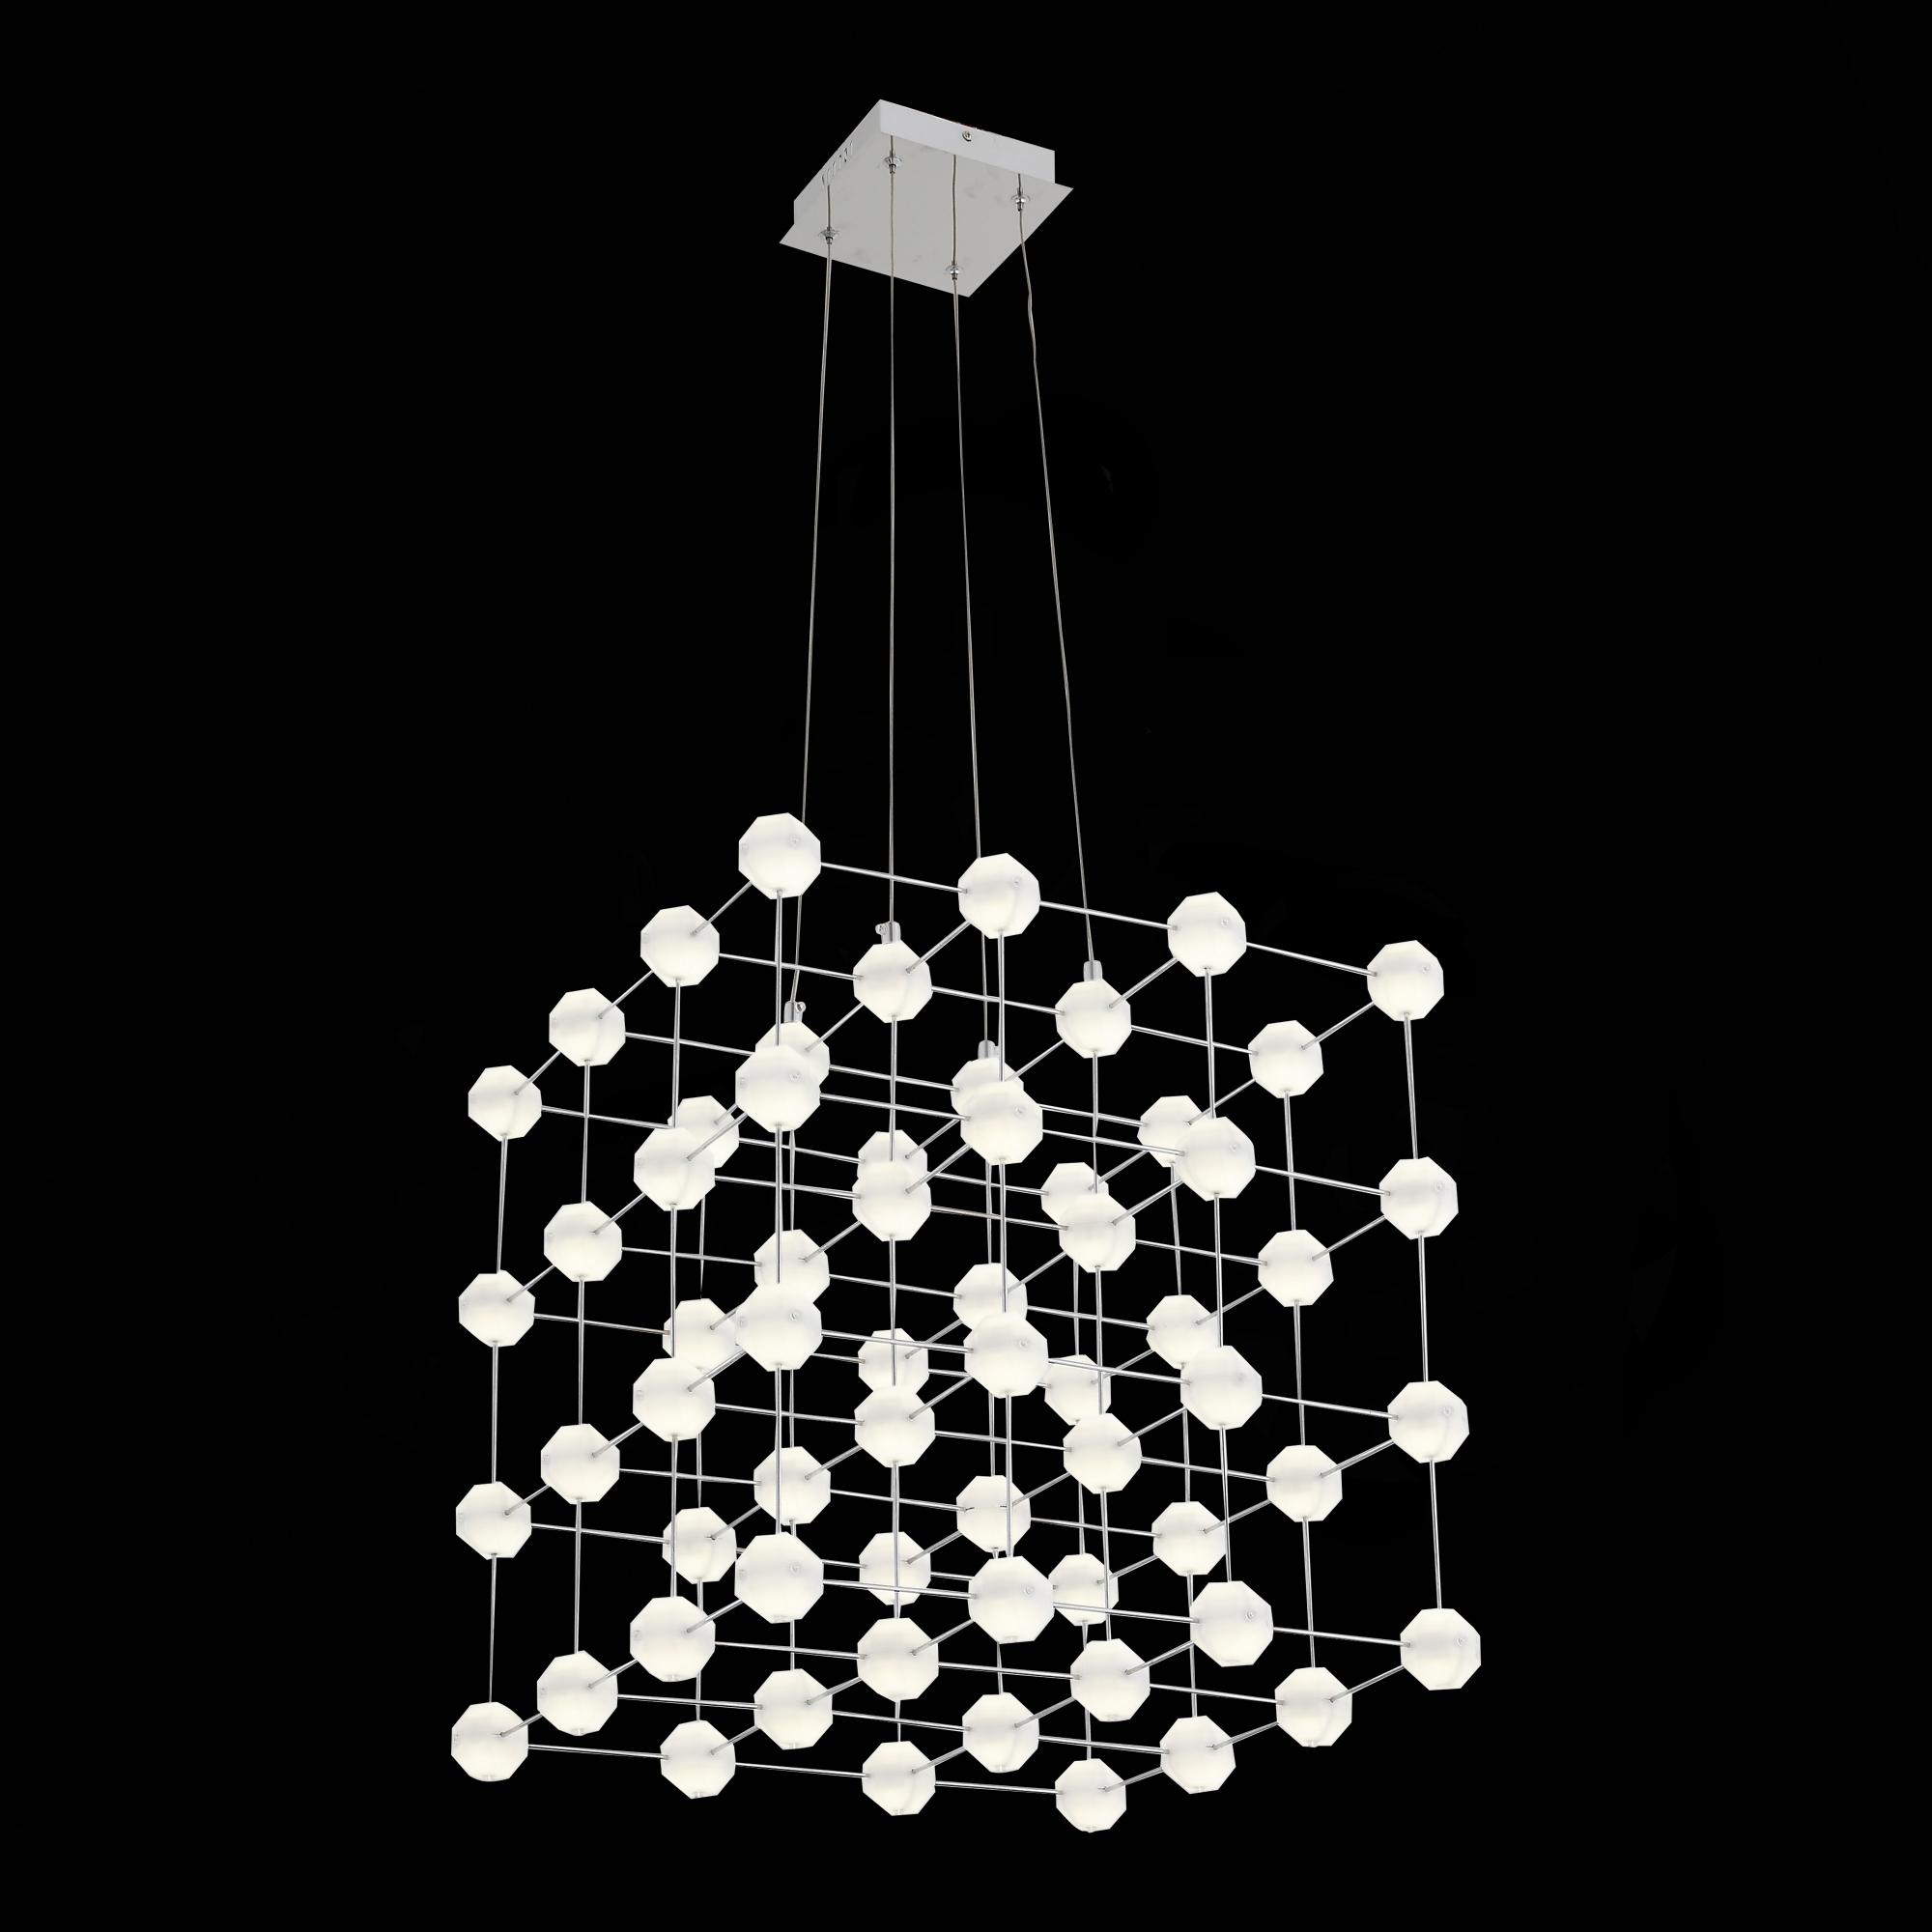 Подвесная светодиодная люстра ST Luce Atomo SL797.103.64 4000K (дневной), хром, белый, металл, пластик - фото 2